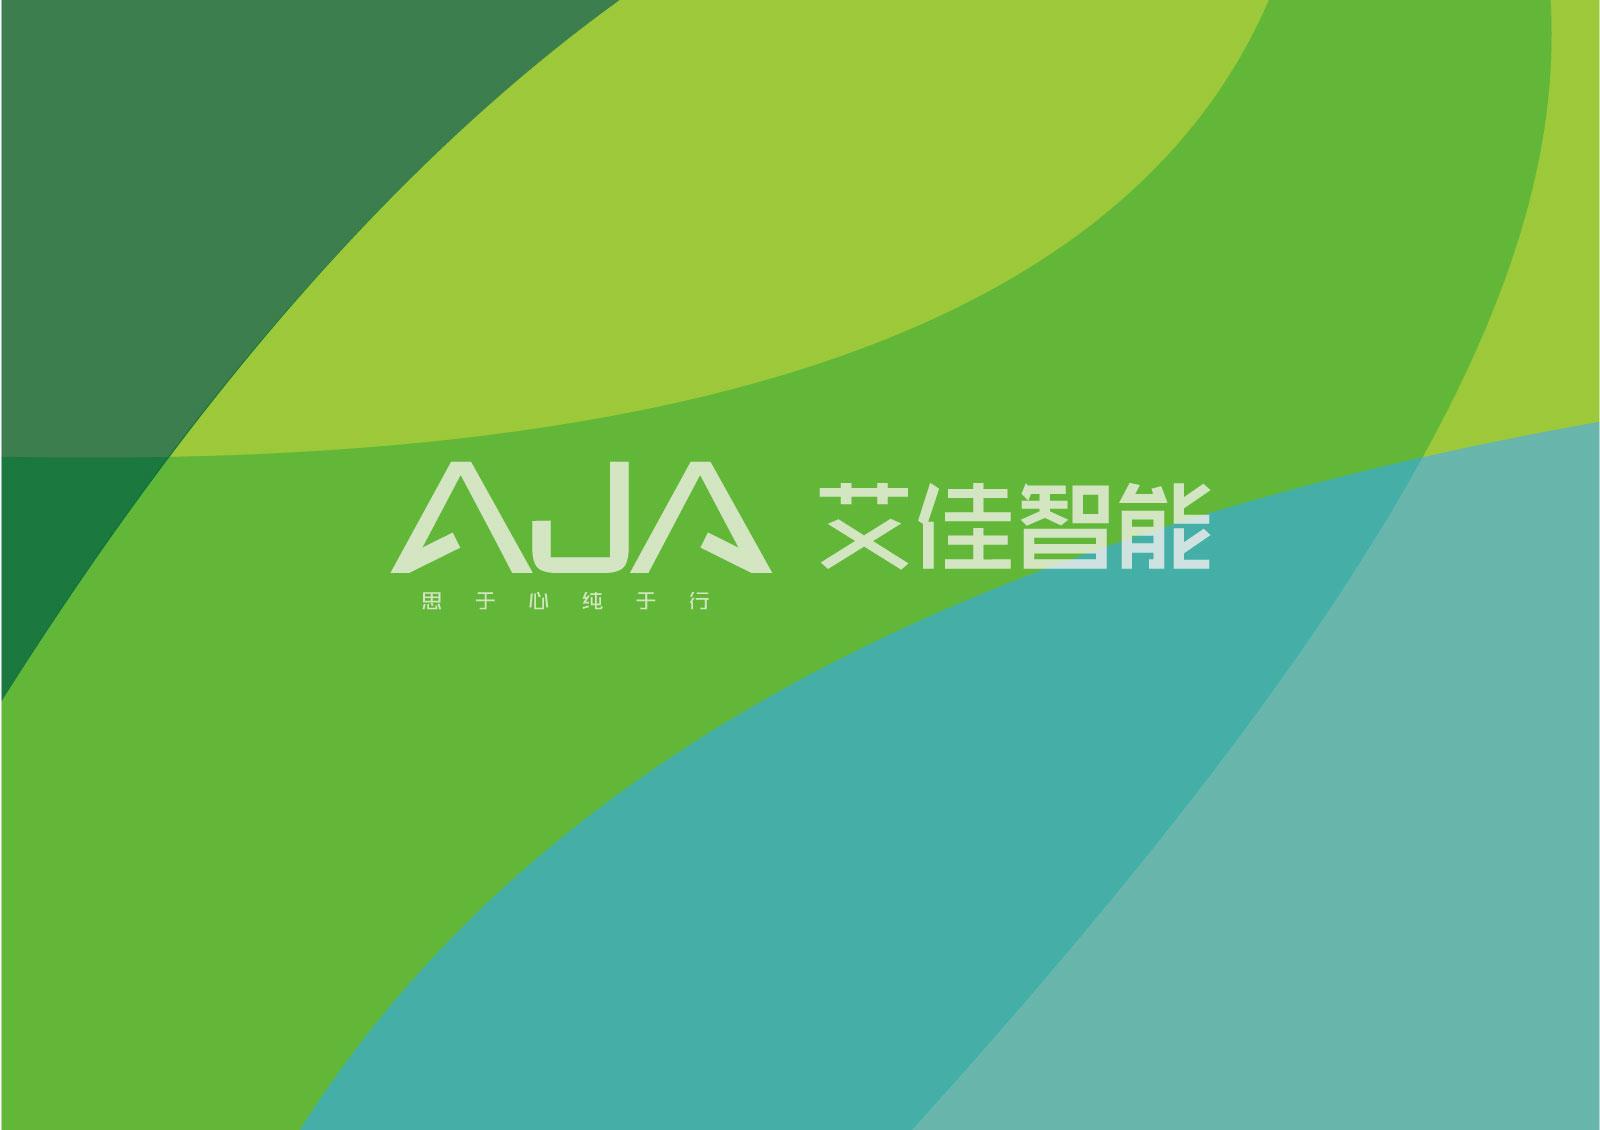 杭州品牌策划公司分享:企业品牌标志为什么要注册?